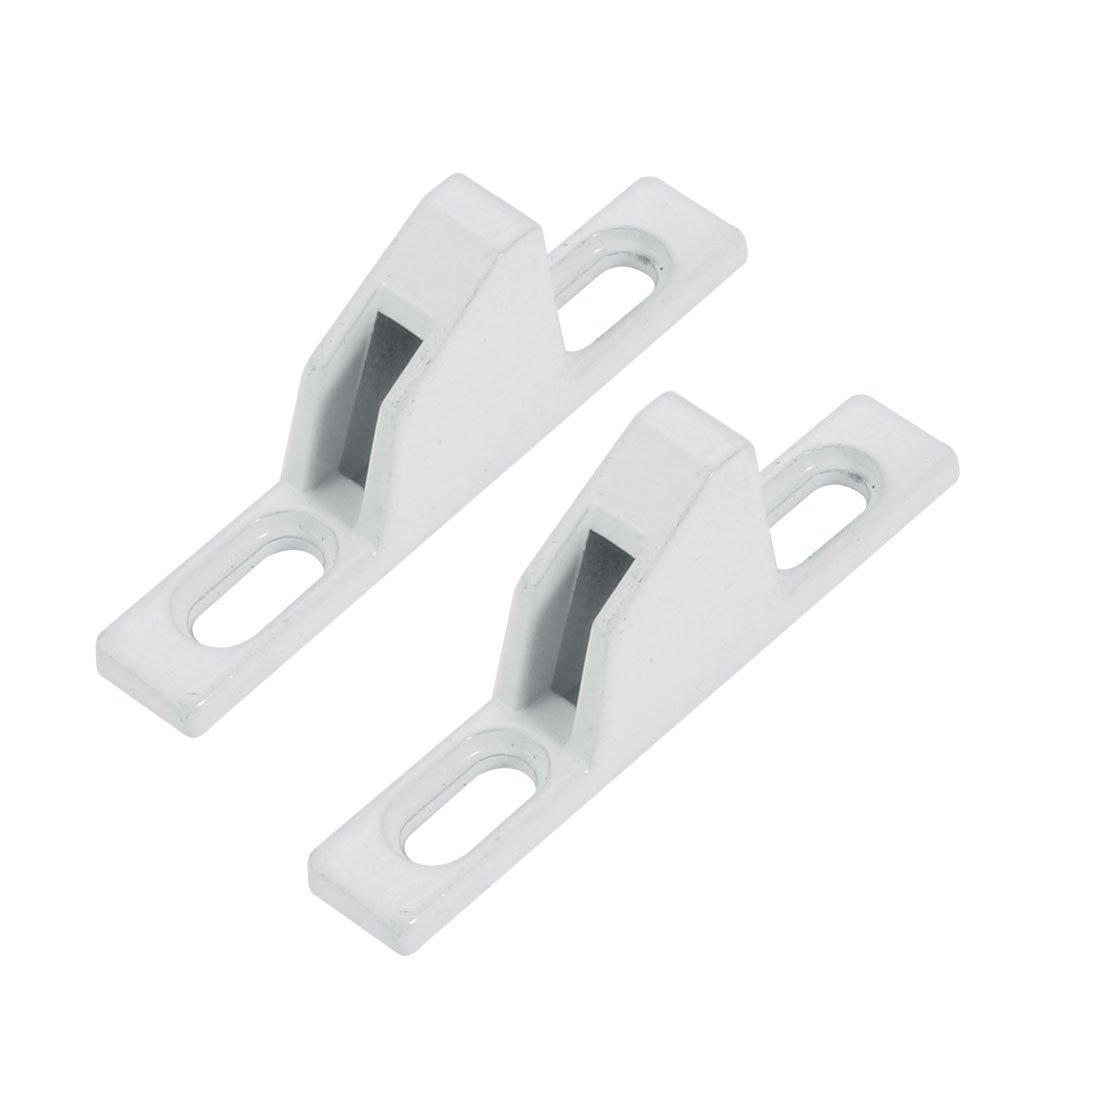 uxcell55mmx9mmx19mm Zinc Alloy Sliding Door Window Lock Keeper White 2pcs a17111800ux0086